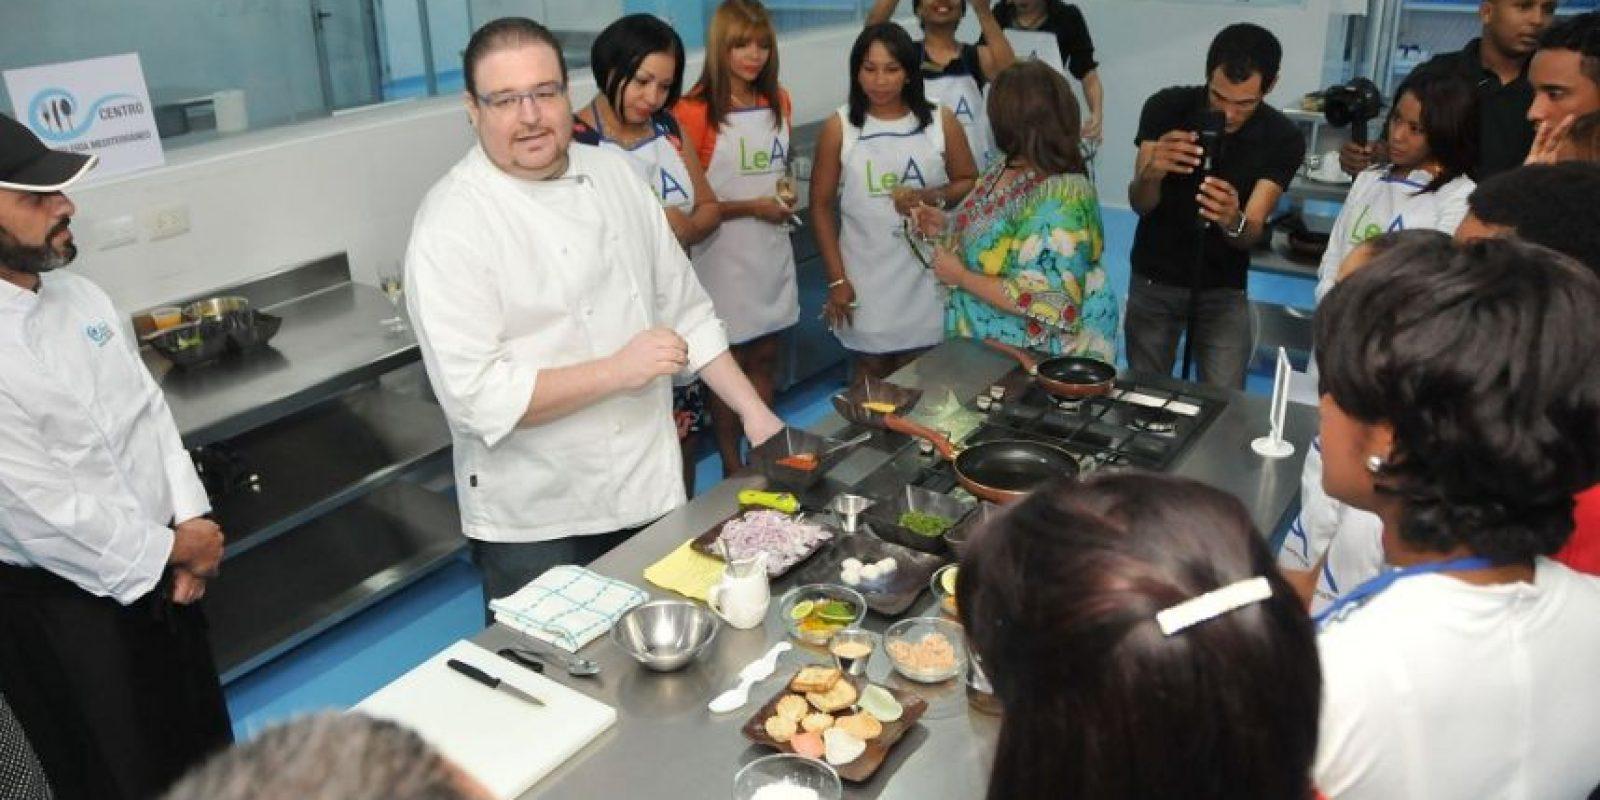 La preparación de las tapas puso en práctica las habilidades culinarias de los periodistas. Foto:Fuente externa